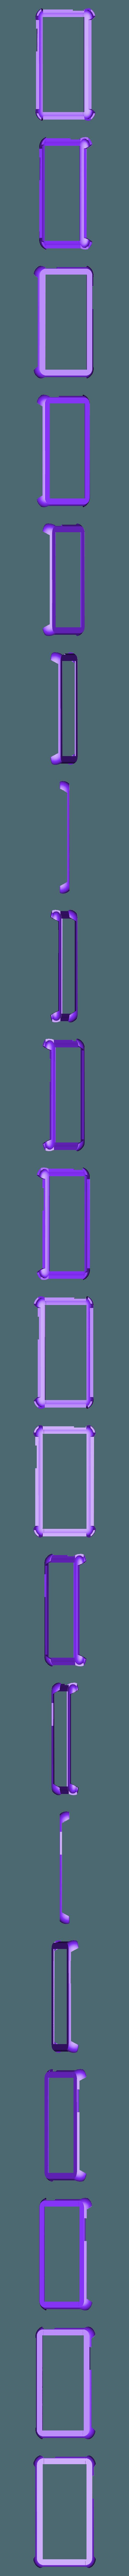 test_corners.stl Télécharger fichier SCAD gratuit Étuis pour iPod 4 Touch • Plan imprimable en 3D, Wachet